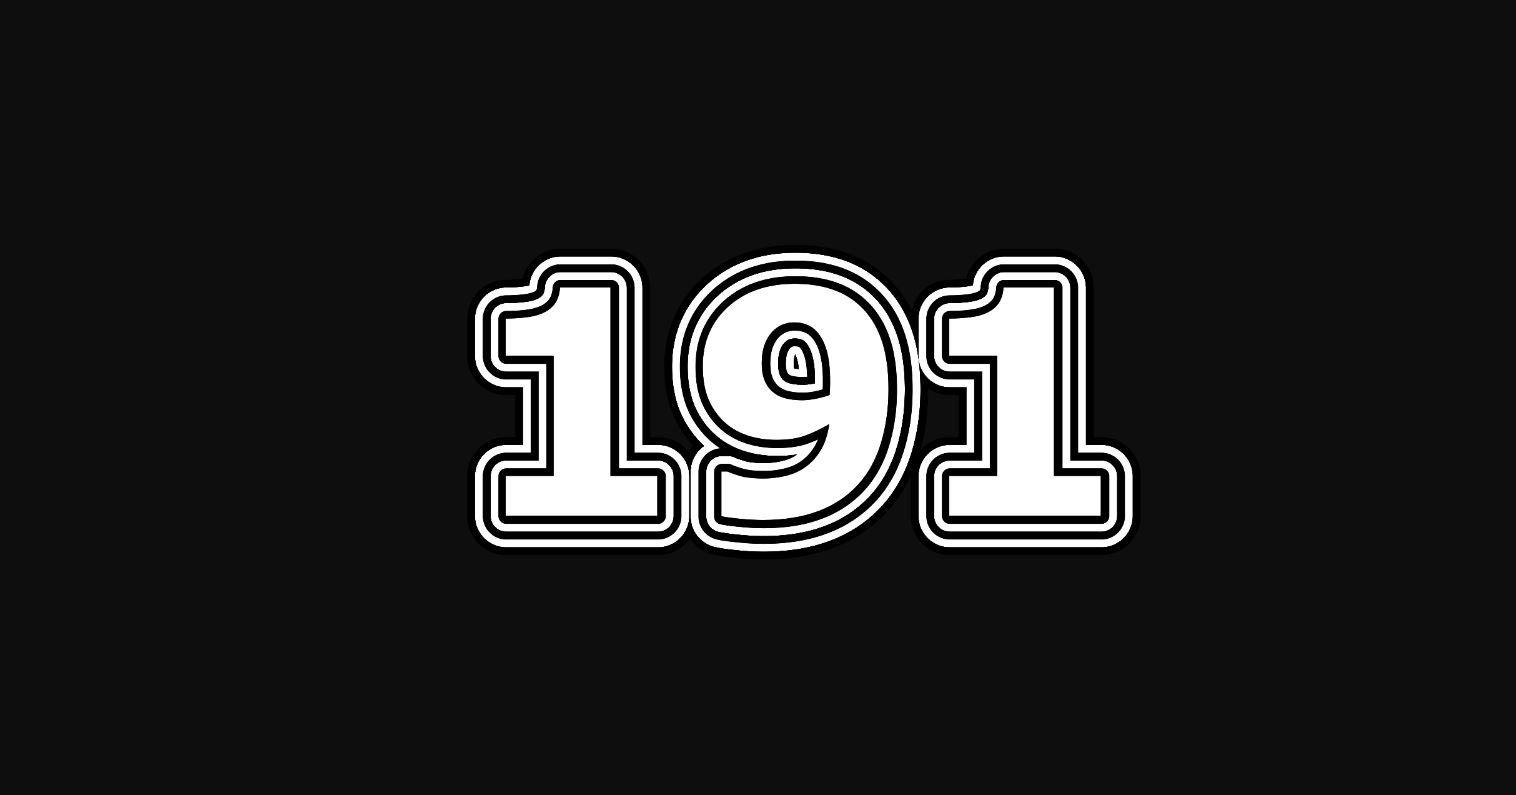 Significado do número 191